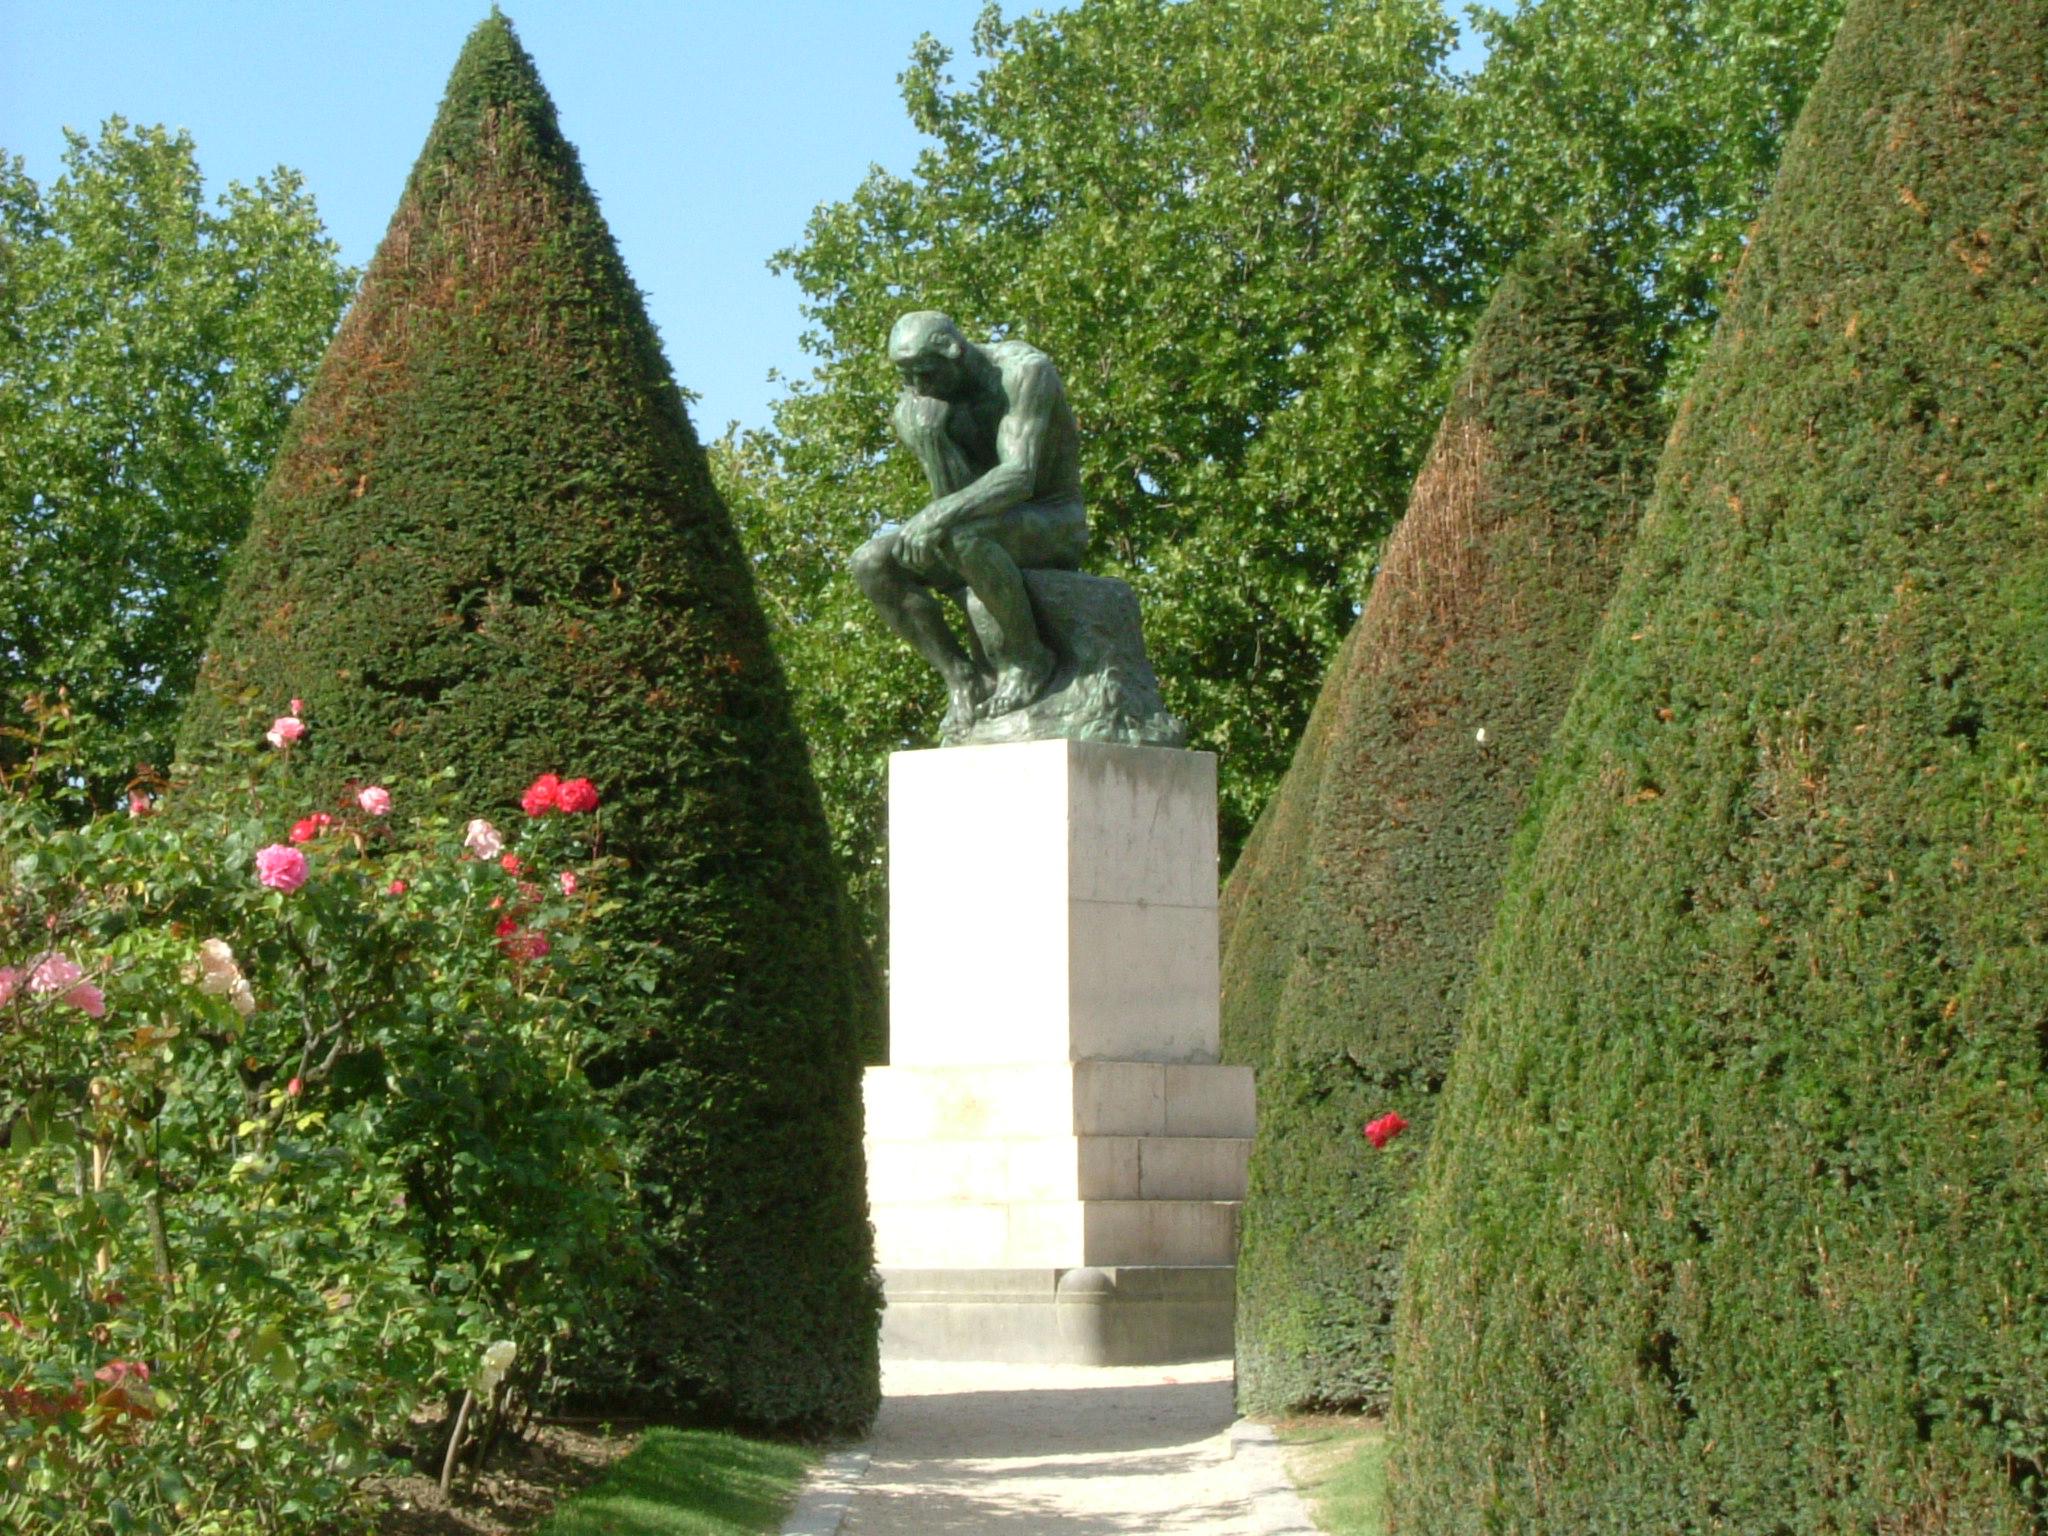 Sculpture du Penseur de Rodin dans le jardin du musée Rodin à Paris